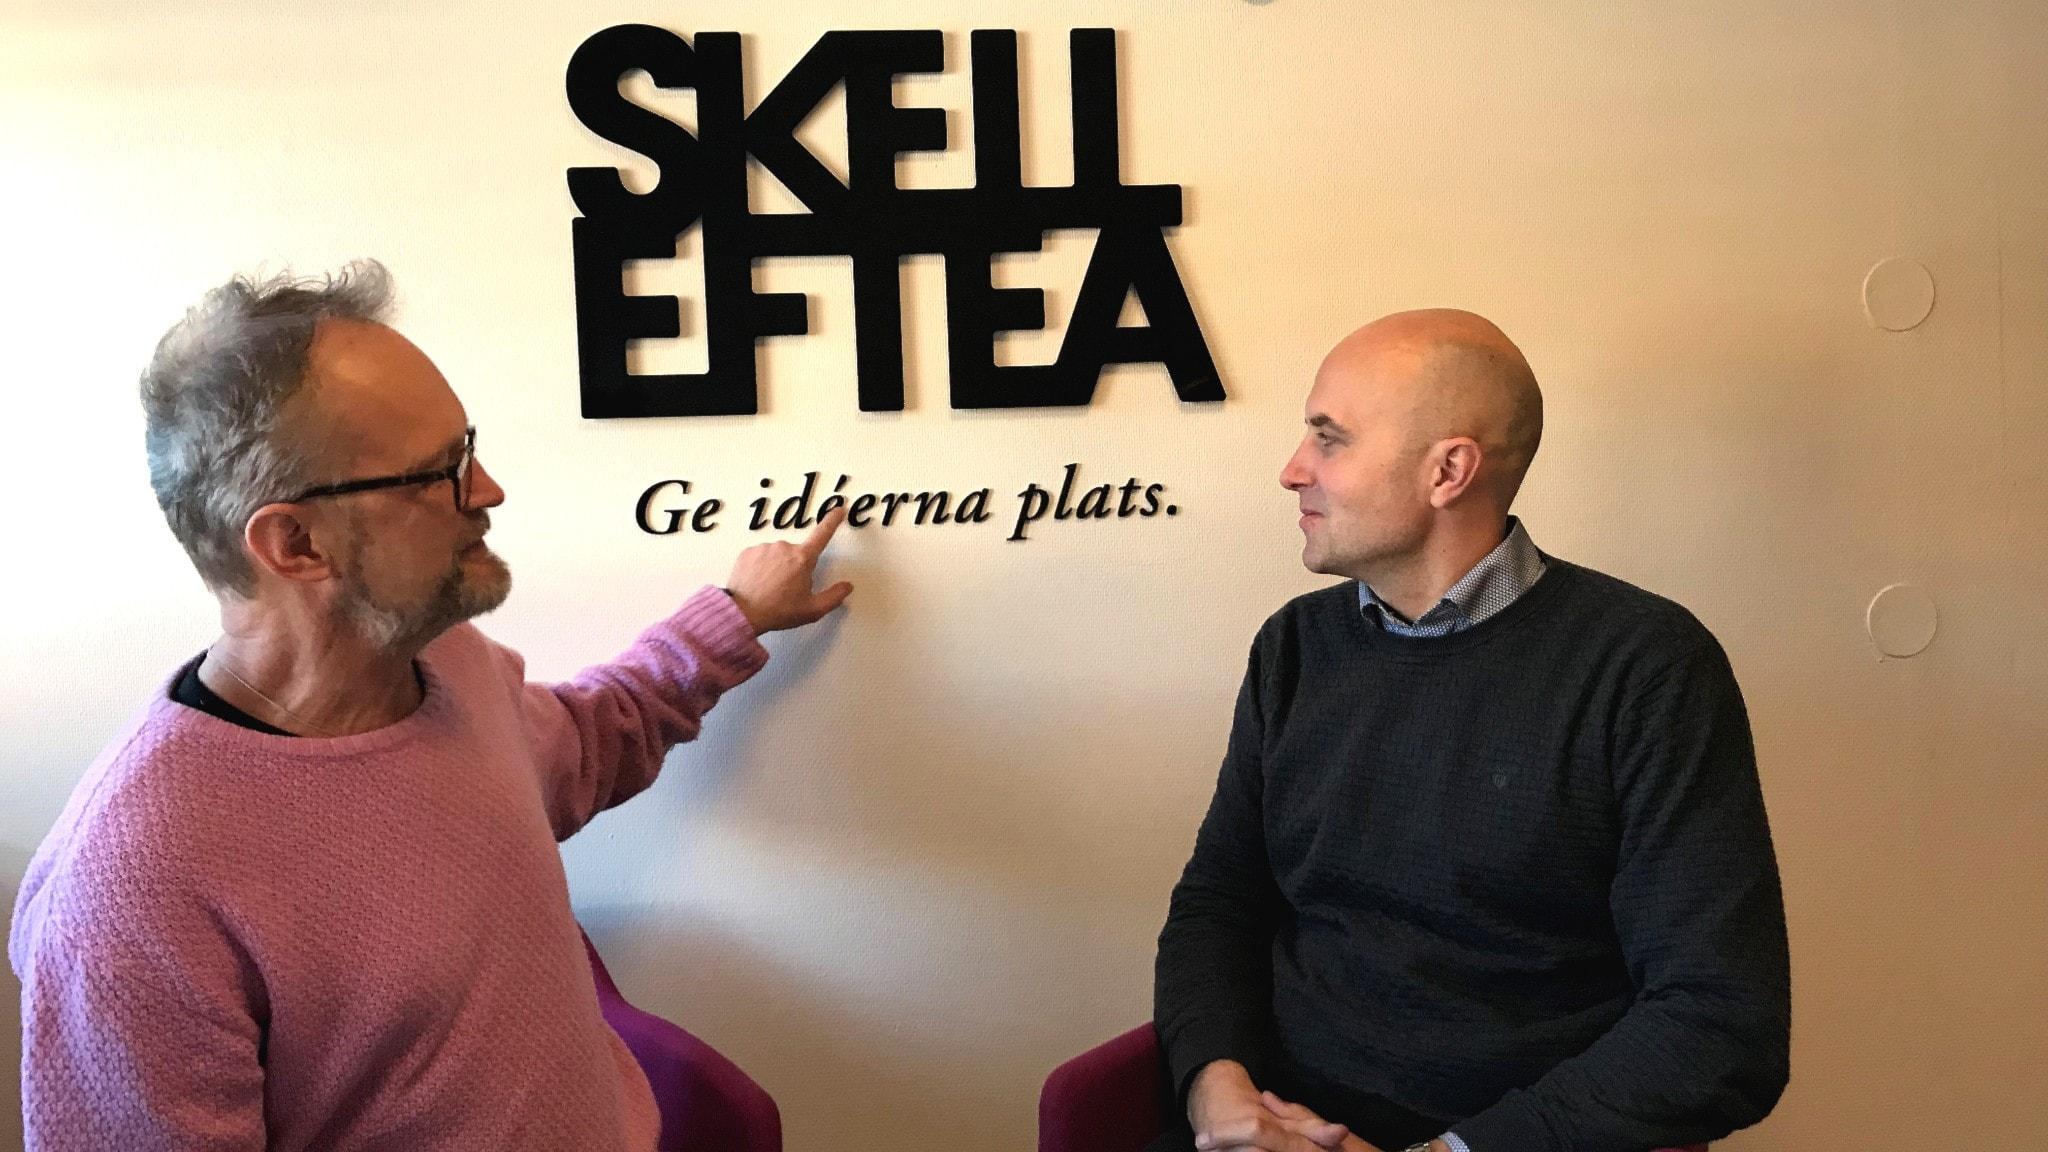 """Janne tv Krister th. Framför Skellefteå kommuns motto """" Ge idéerna plats"""""""